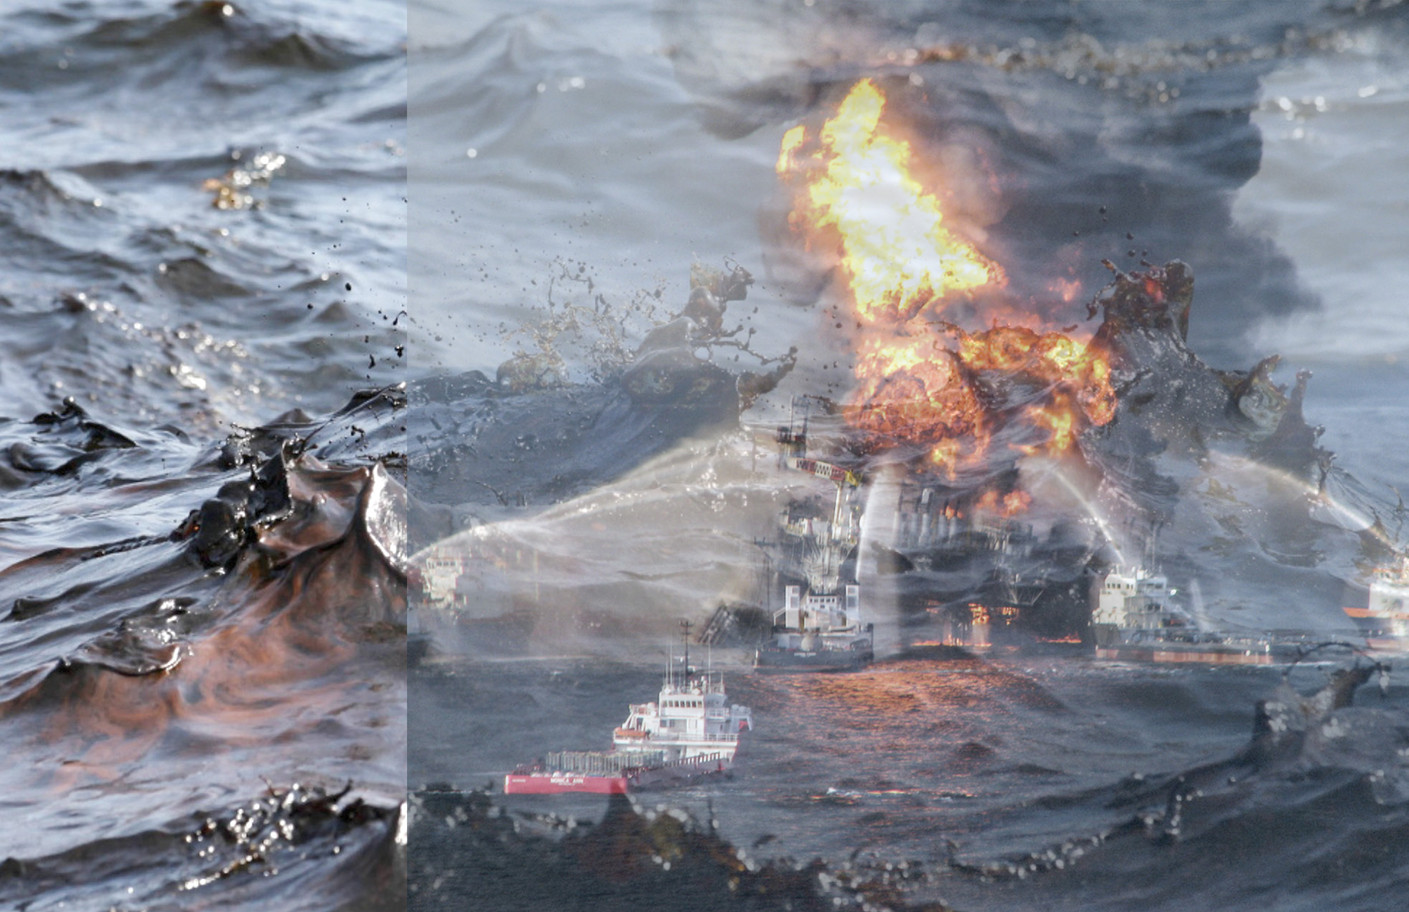 OIL-Oilspills 4